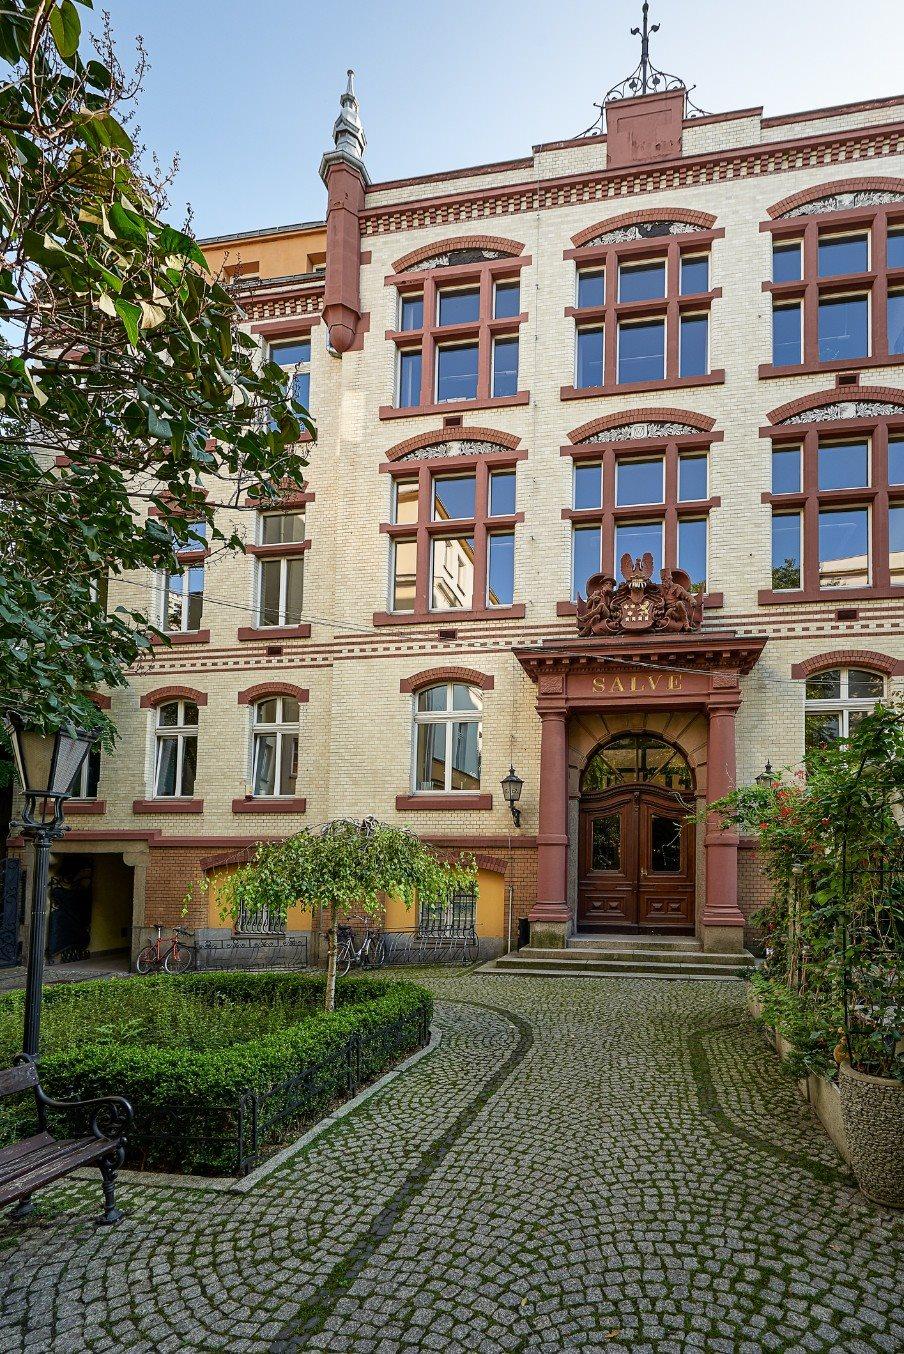 Lokal użytkowy na wynajem Wrocław, Stare Miasto, Podwale 62  54m2 Foto 11